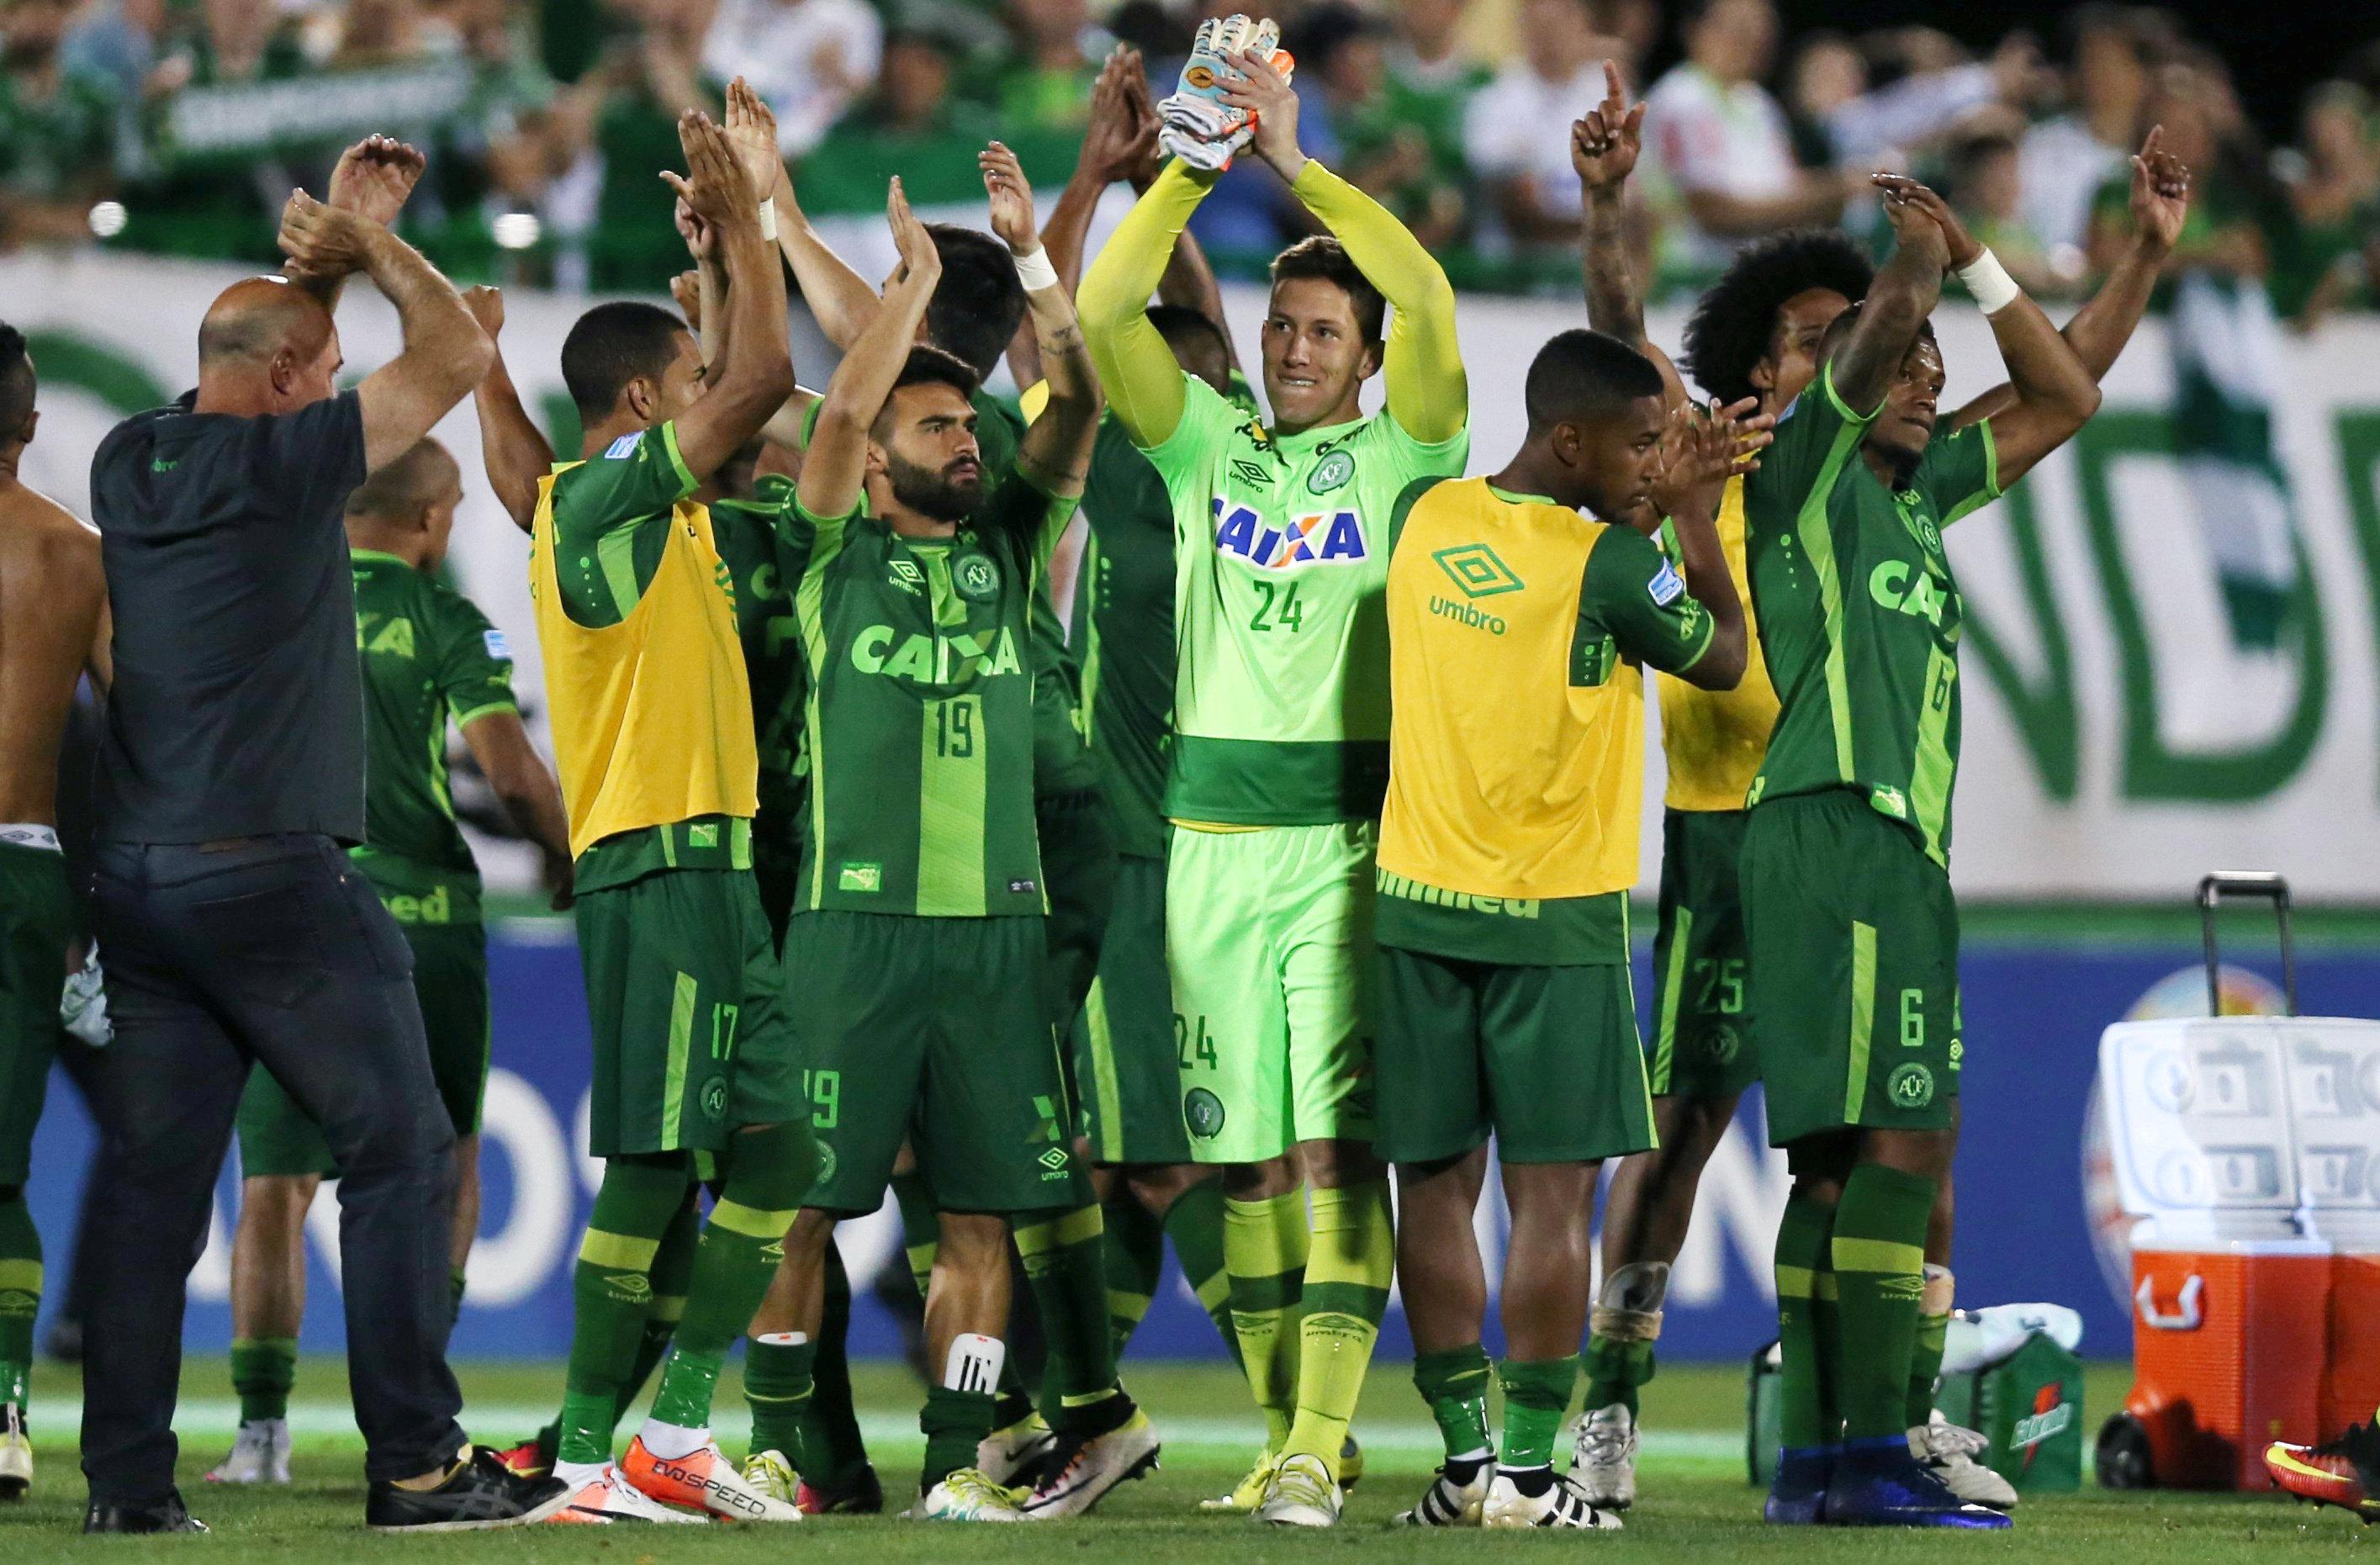 Игроки бразильской команды Chapecoense, погибшей в авиакатастрофе в Колумбии